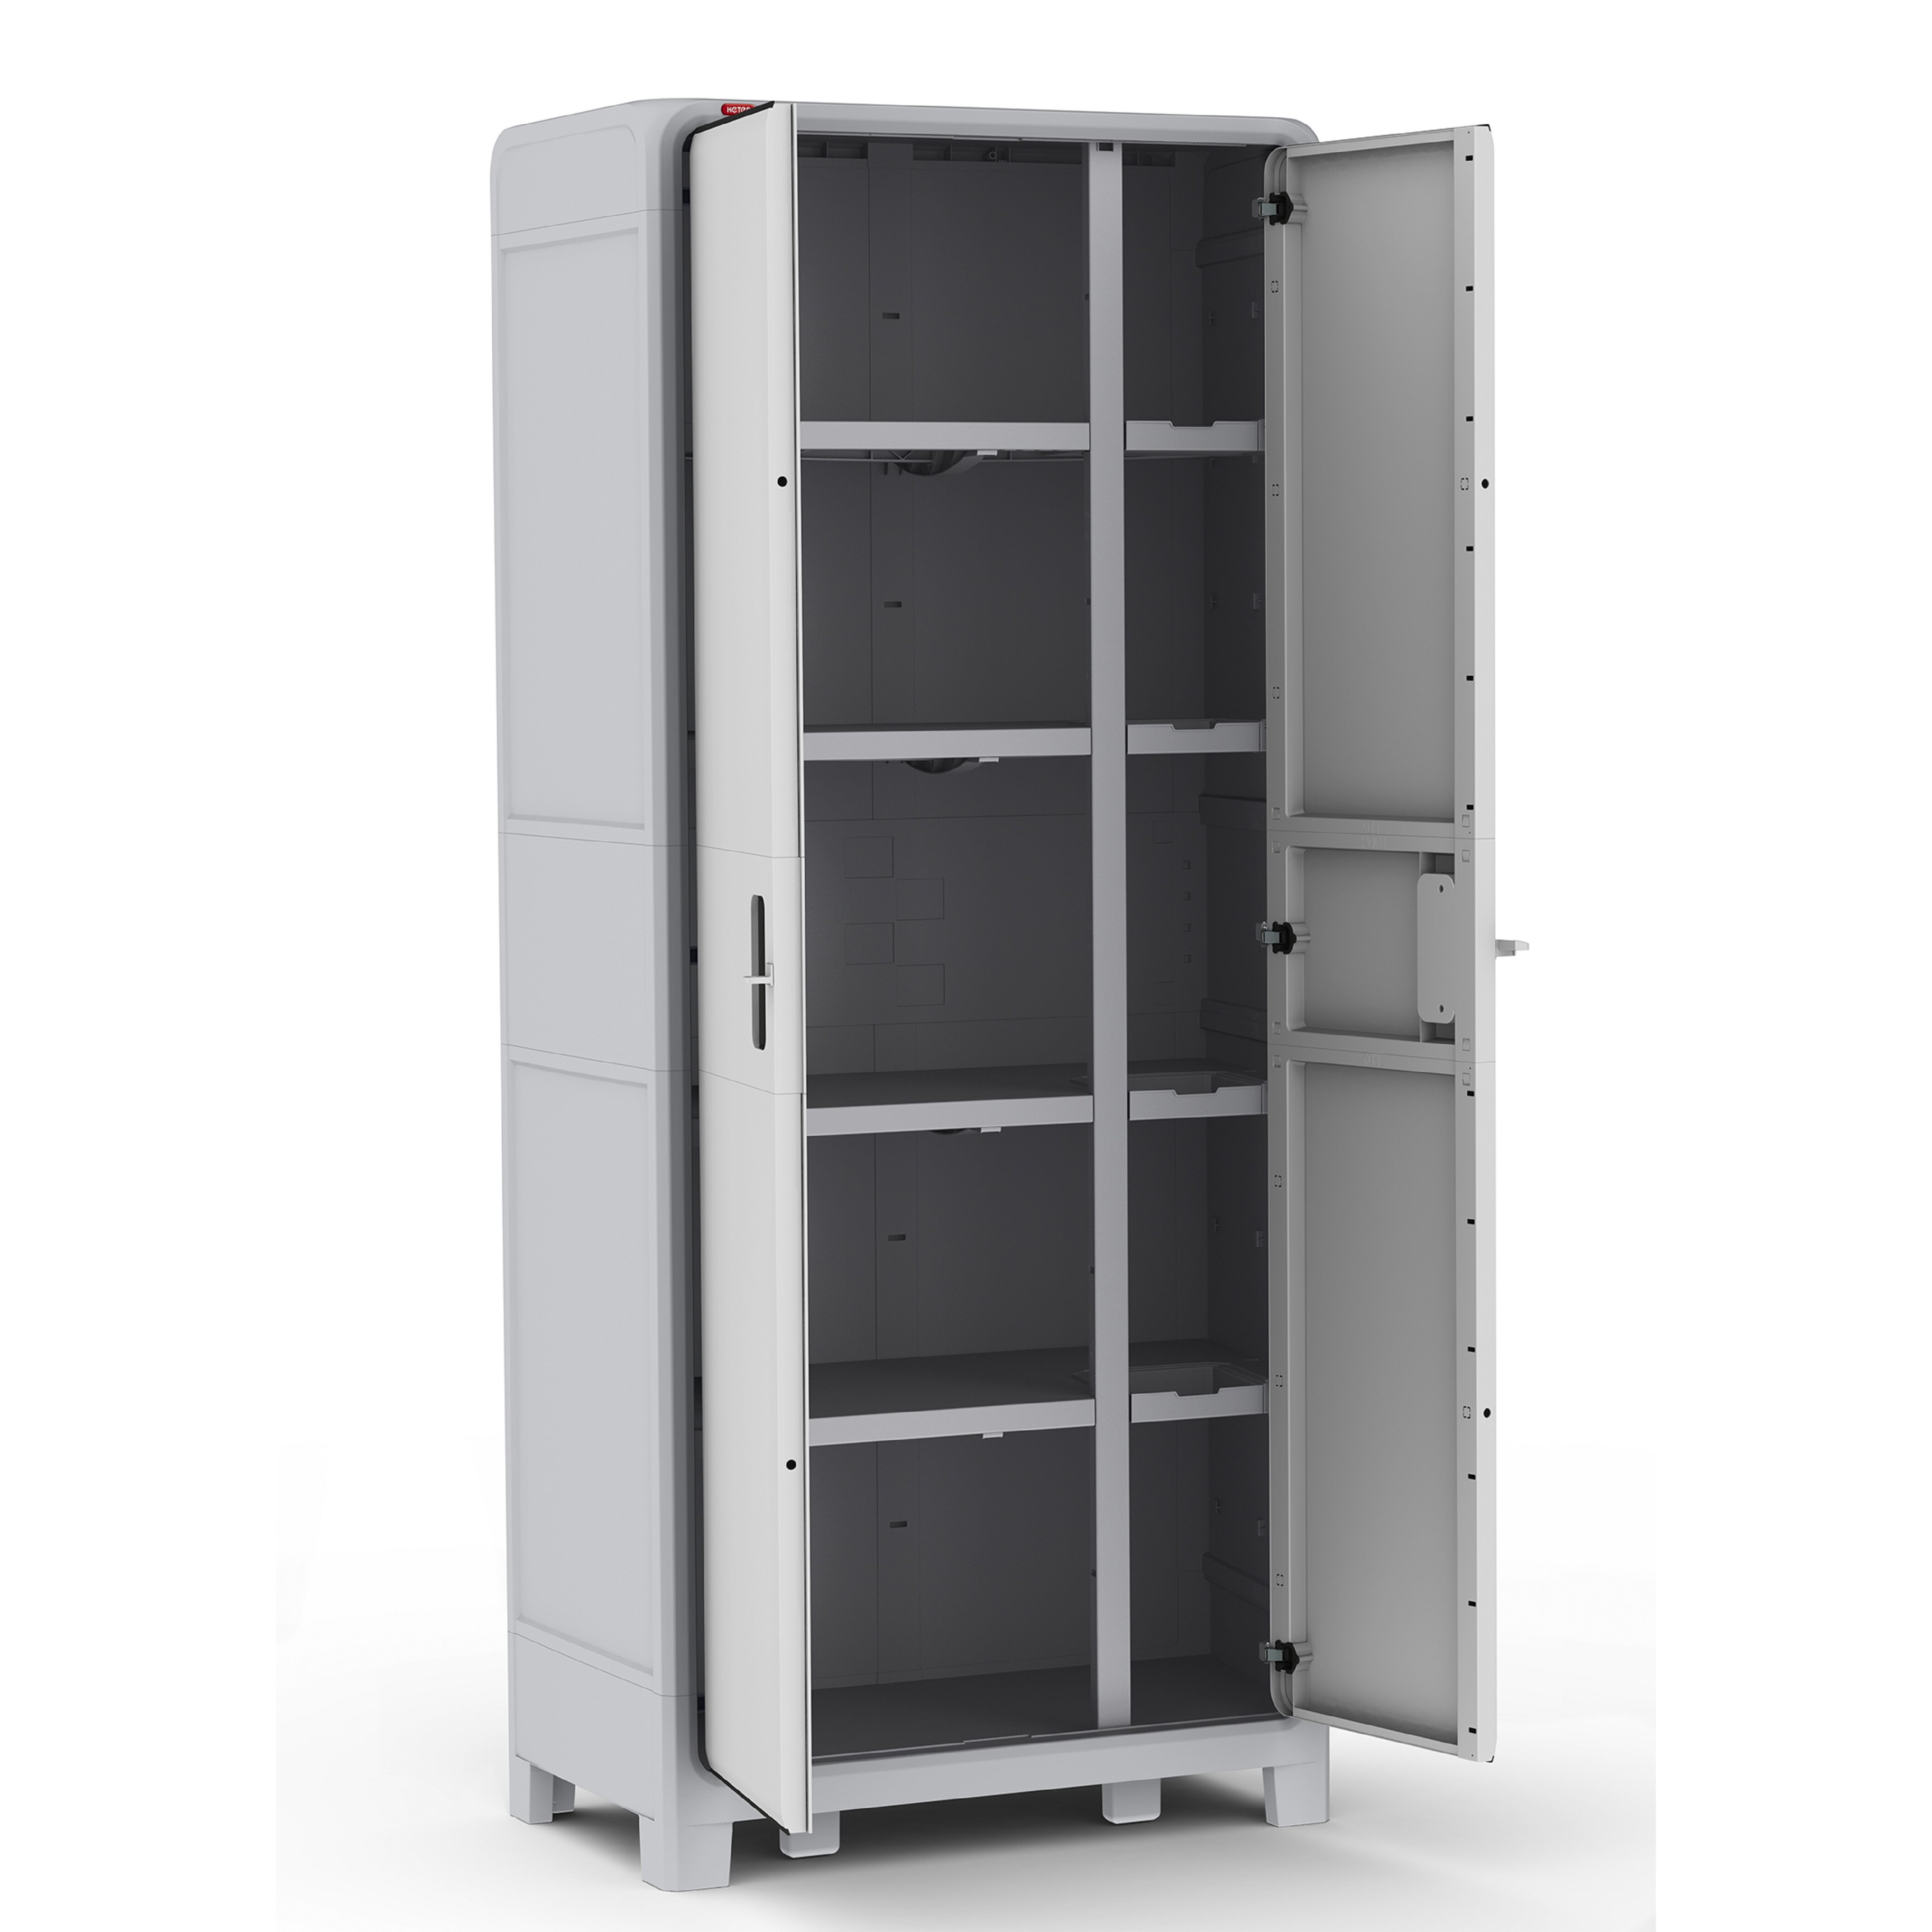 18 Storage Cabinet Keter Optima Wonder Plastic 72 H X 31 W X 18 D Storage Cabinet